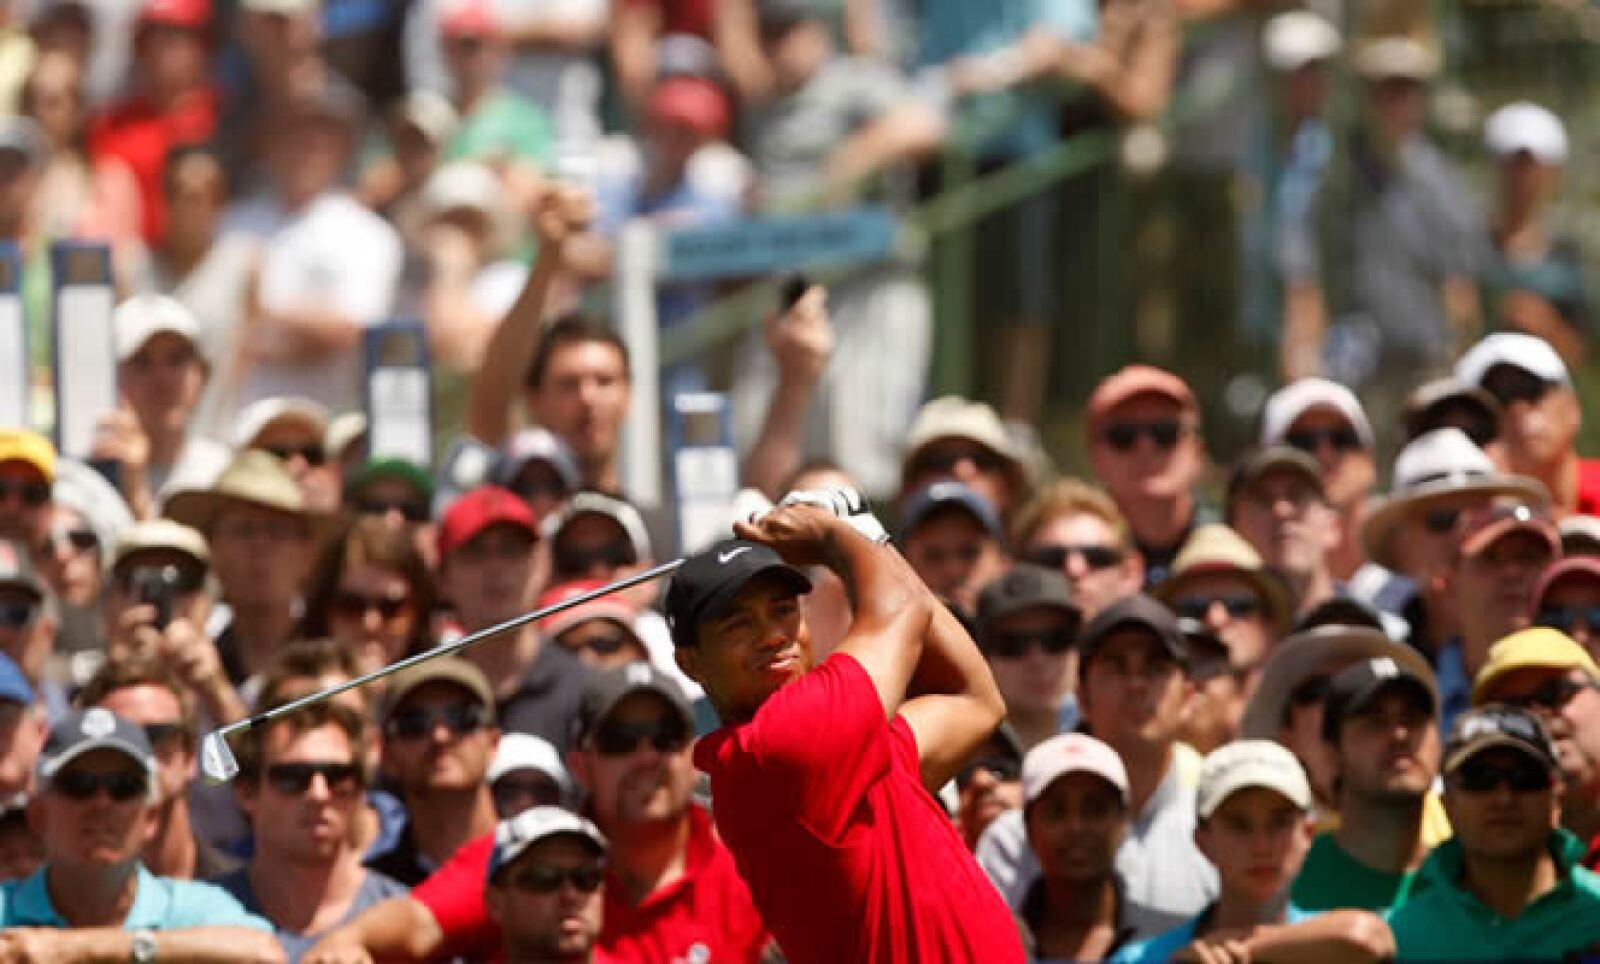 El golfista número uno del mundo resultó herido en un accidente de tránsito la madrugada del viernes cerca de su casa en Florida, tras lo cual surgieron rumores sobre las causas, entre ellos uno que implica a su esposa Elin Nordegren, de quien, según TMZ,